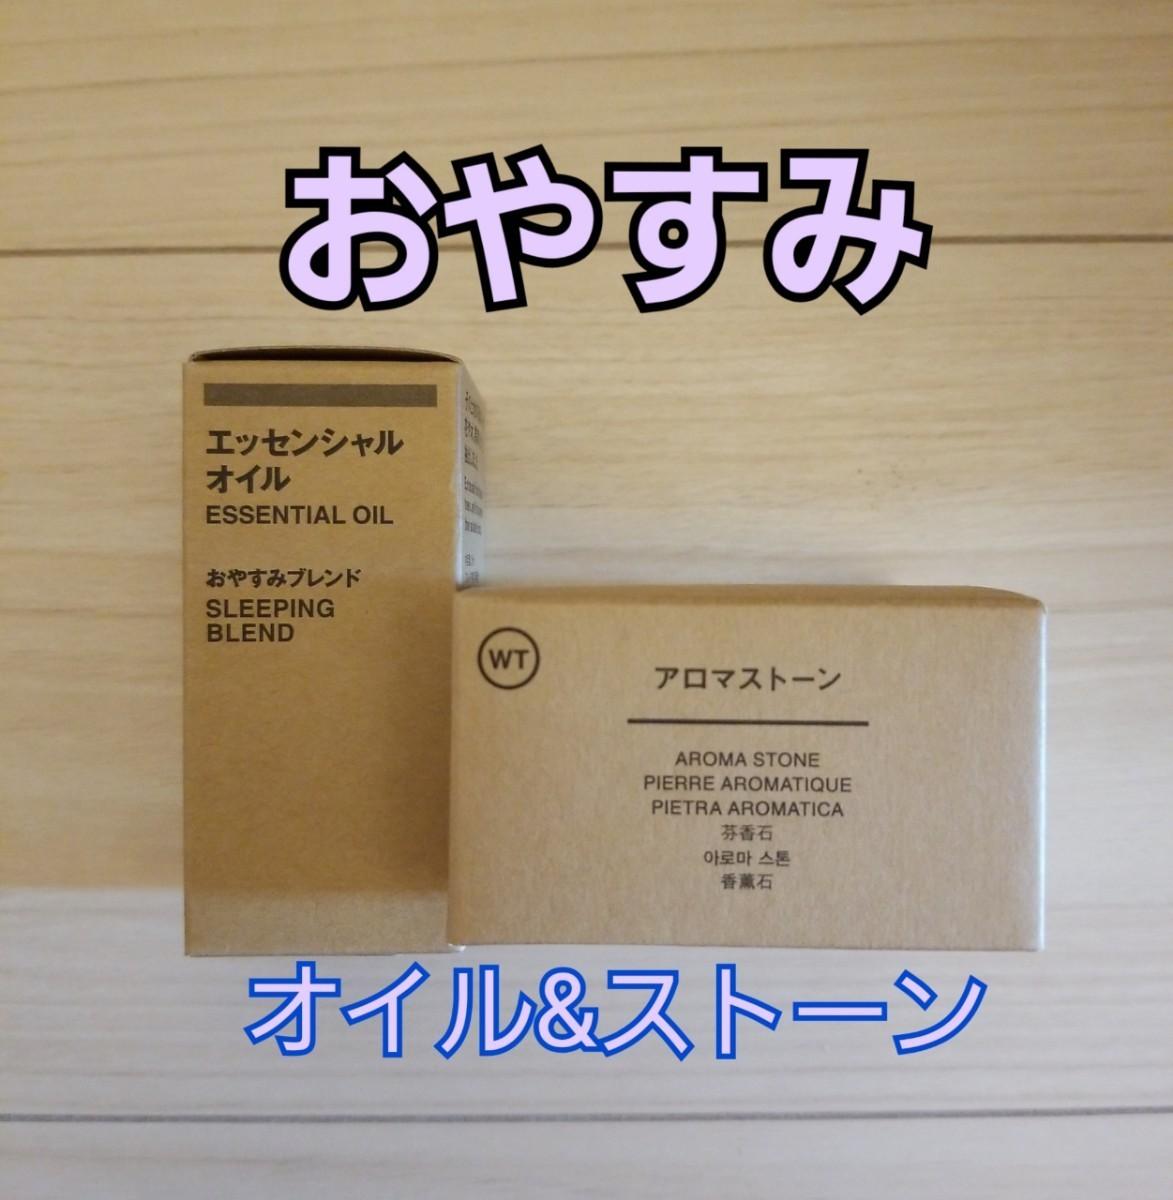 【無印良品】おやすみ エッセンシャルオイル & アロマストーン 10ml  (a